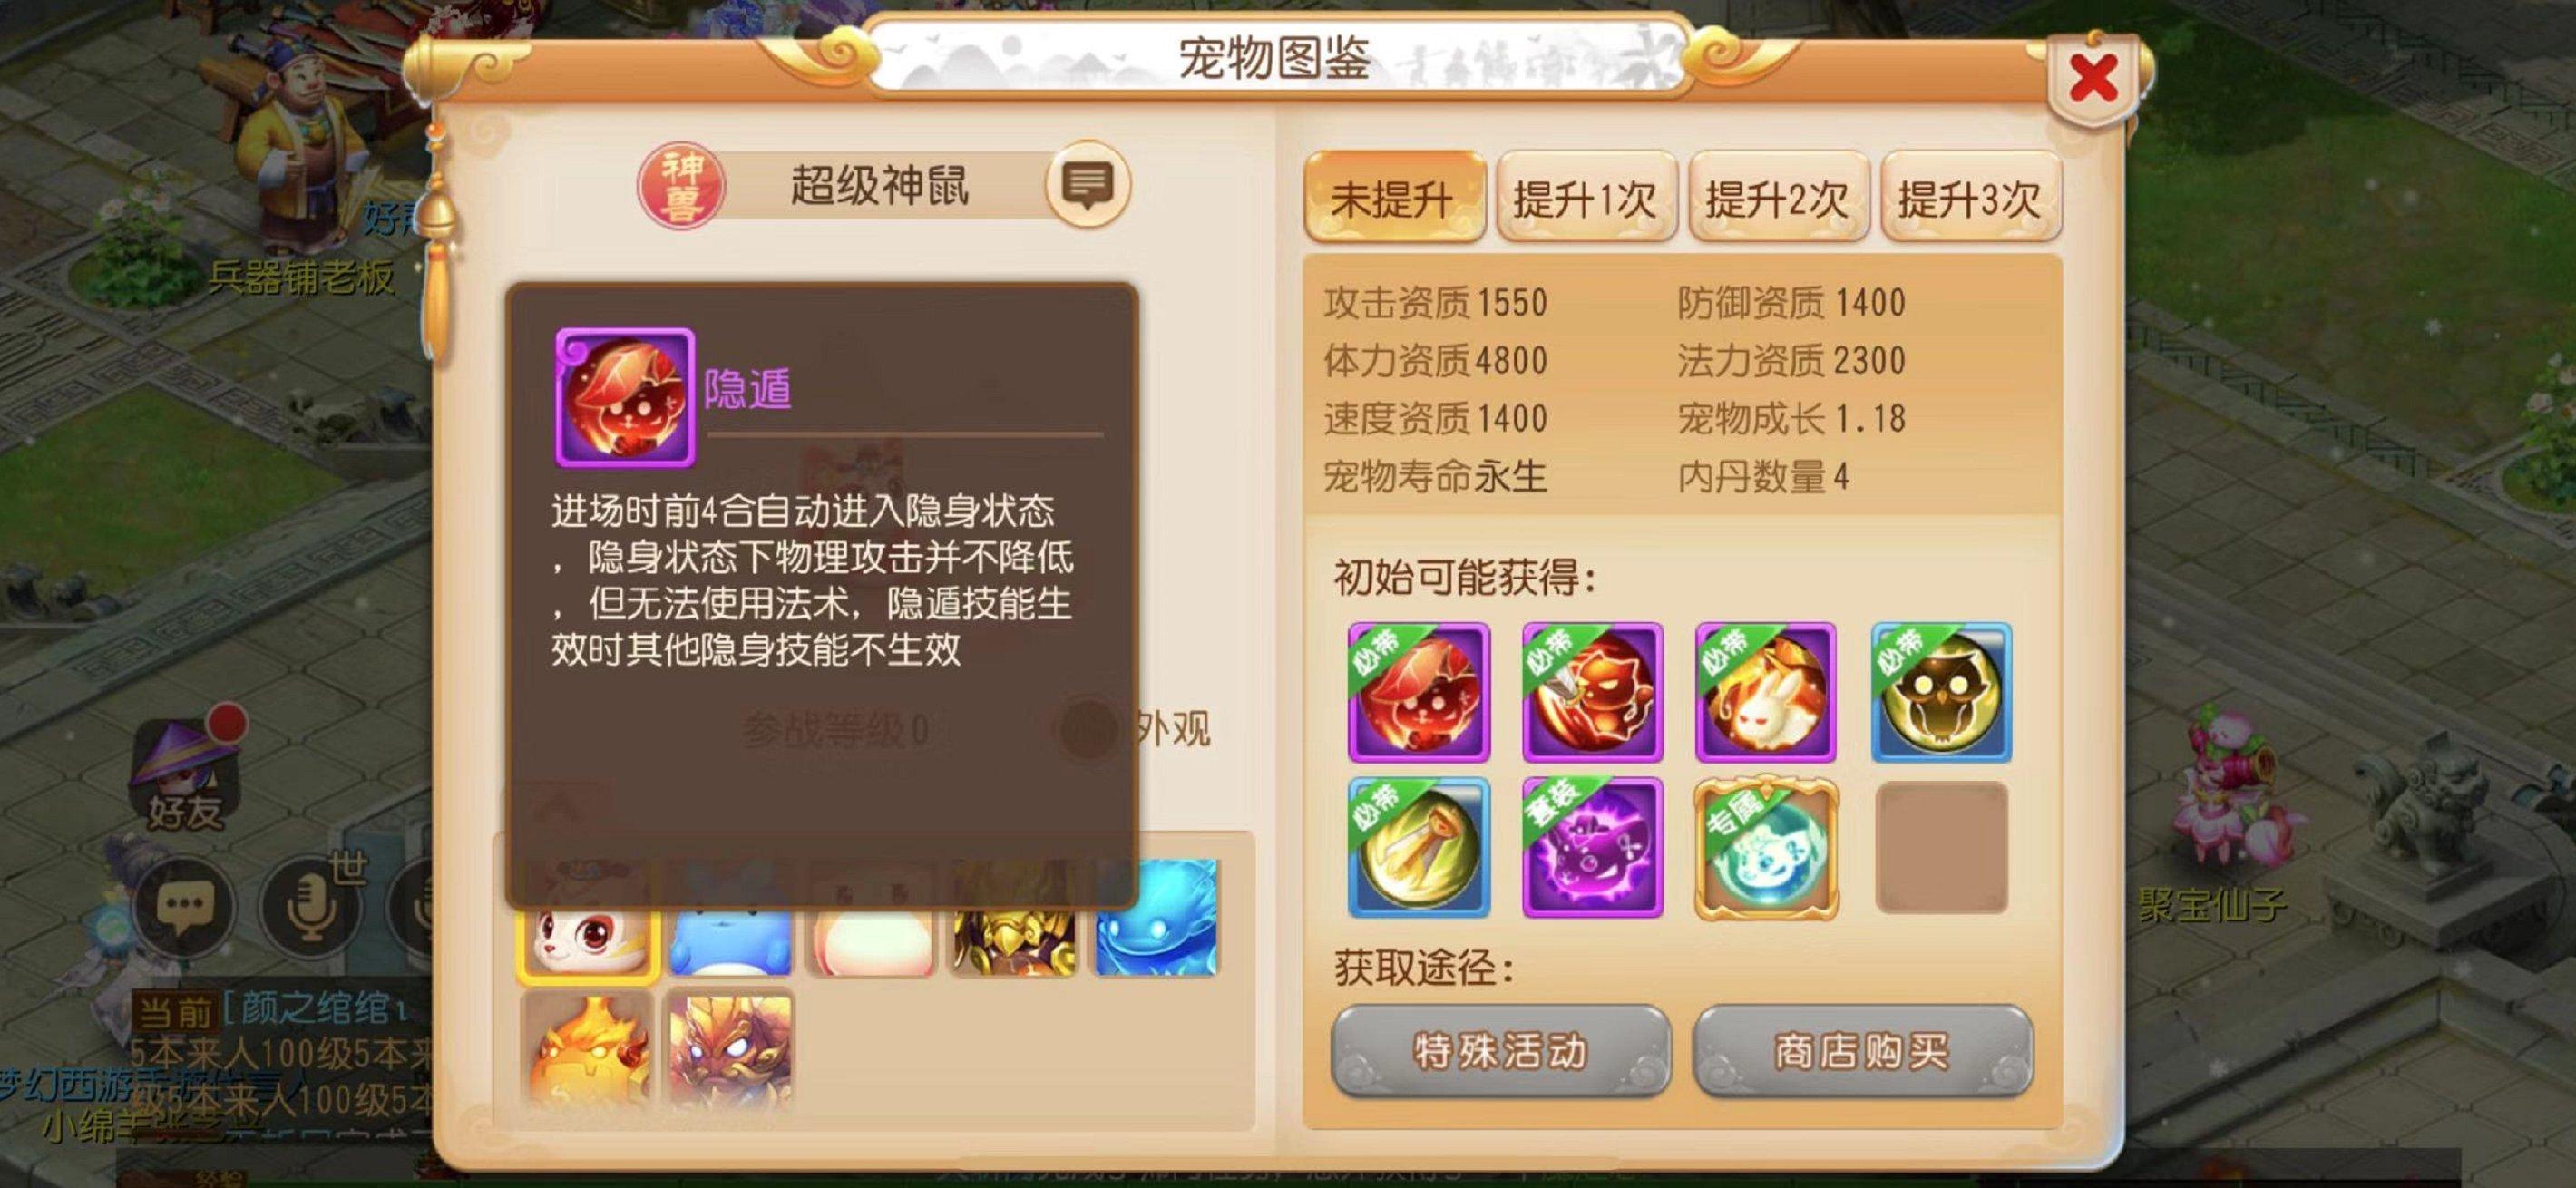 《梦幻西游》手游全新神兽超级神鼠上线,神兽提升等级调整更新